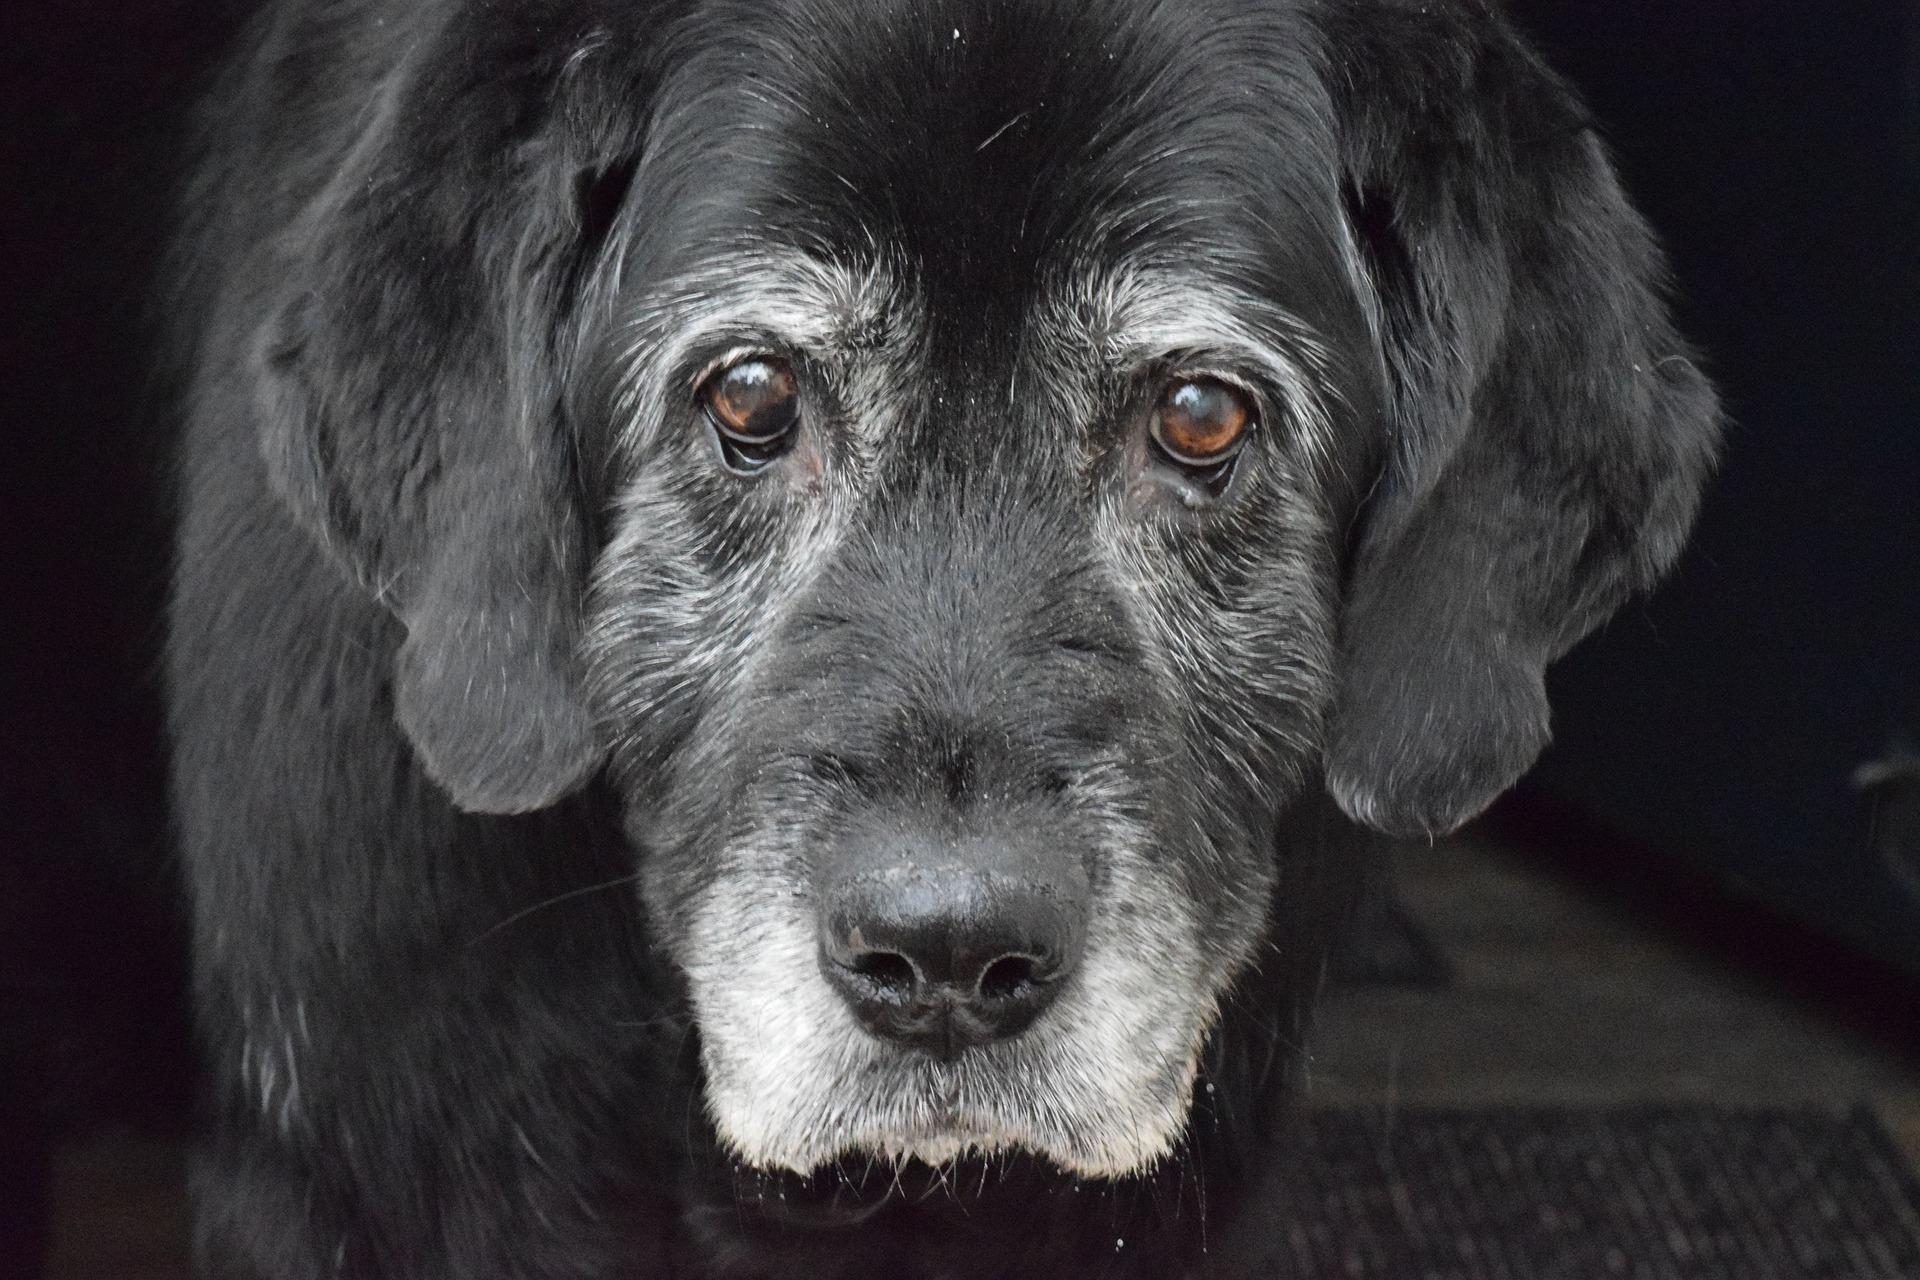 żywienie starszych psów